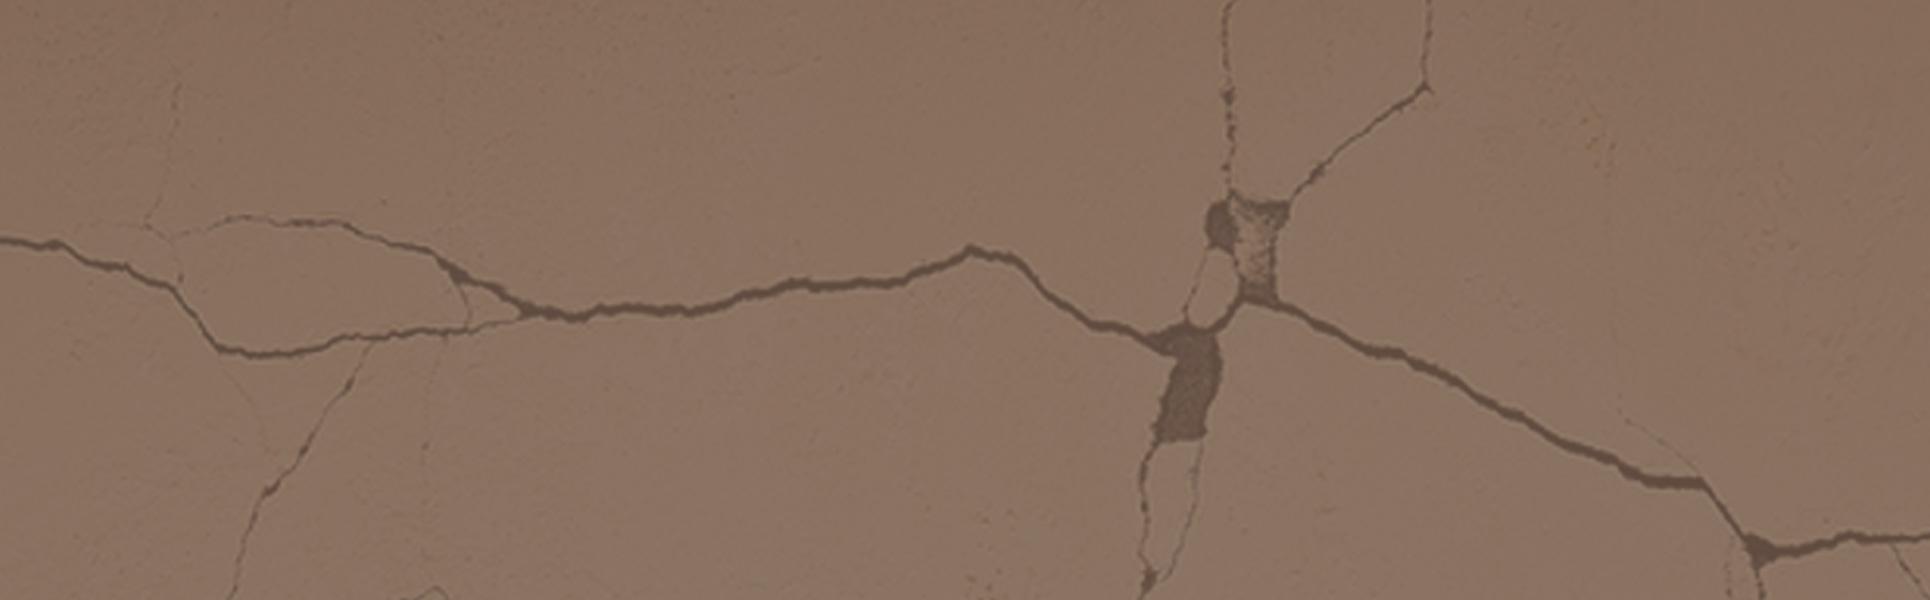 Le Cause delle Crepe nei Muri – Come e Perché si Formano le Crepe